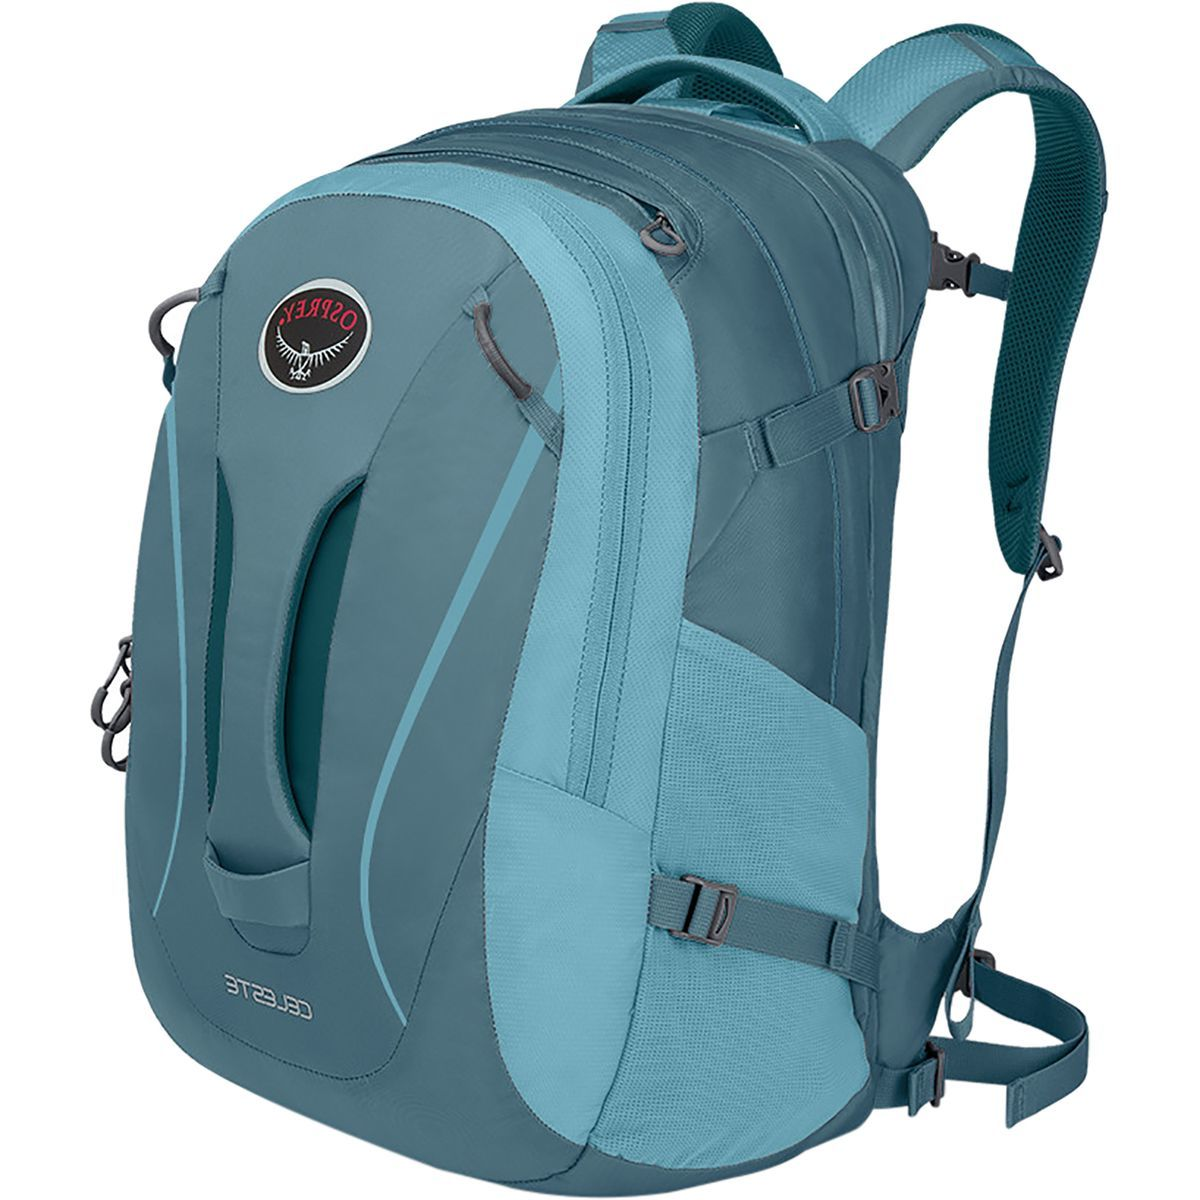 Osprey Packs Celeste 29L Backpack - Women's